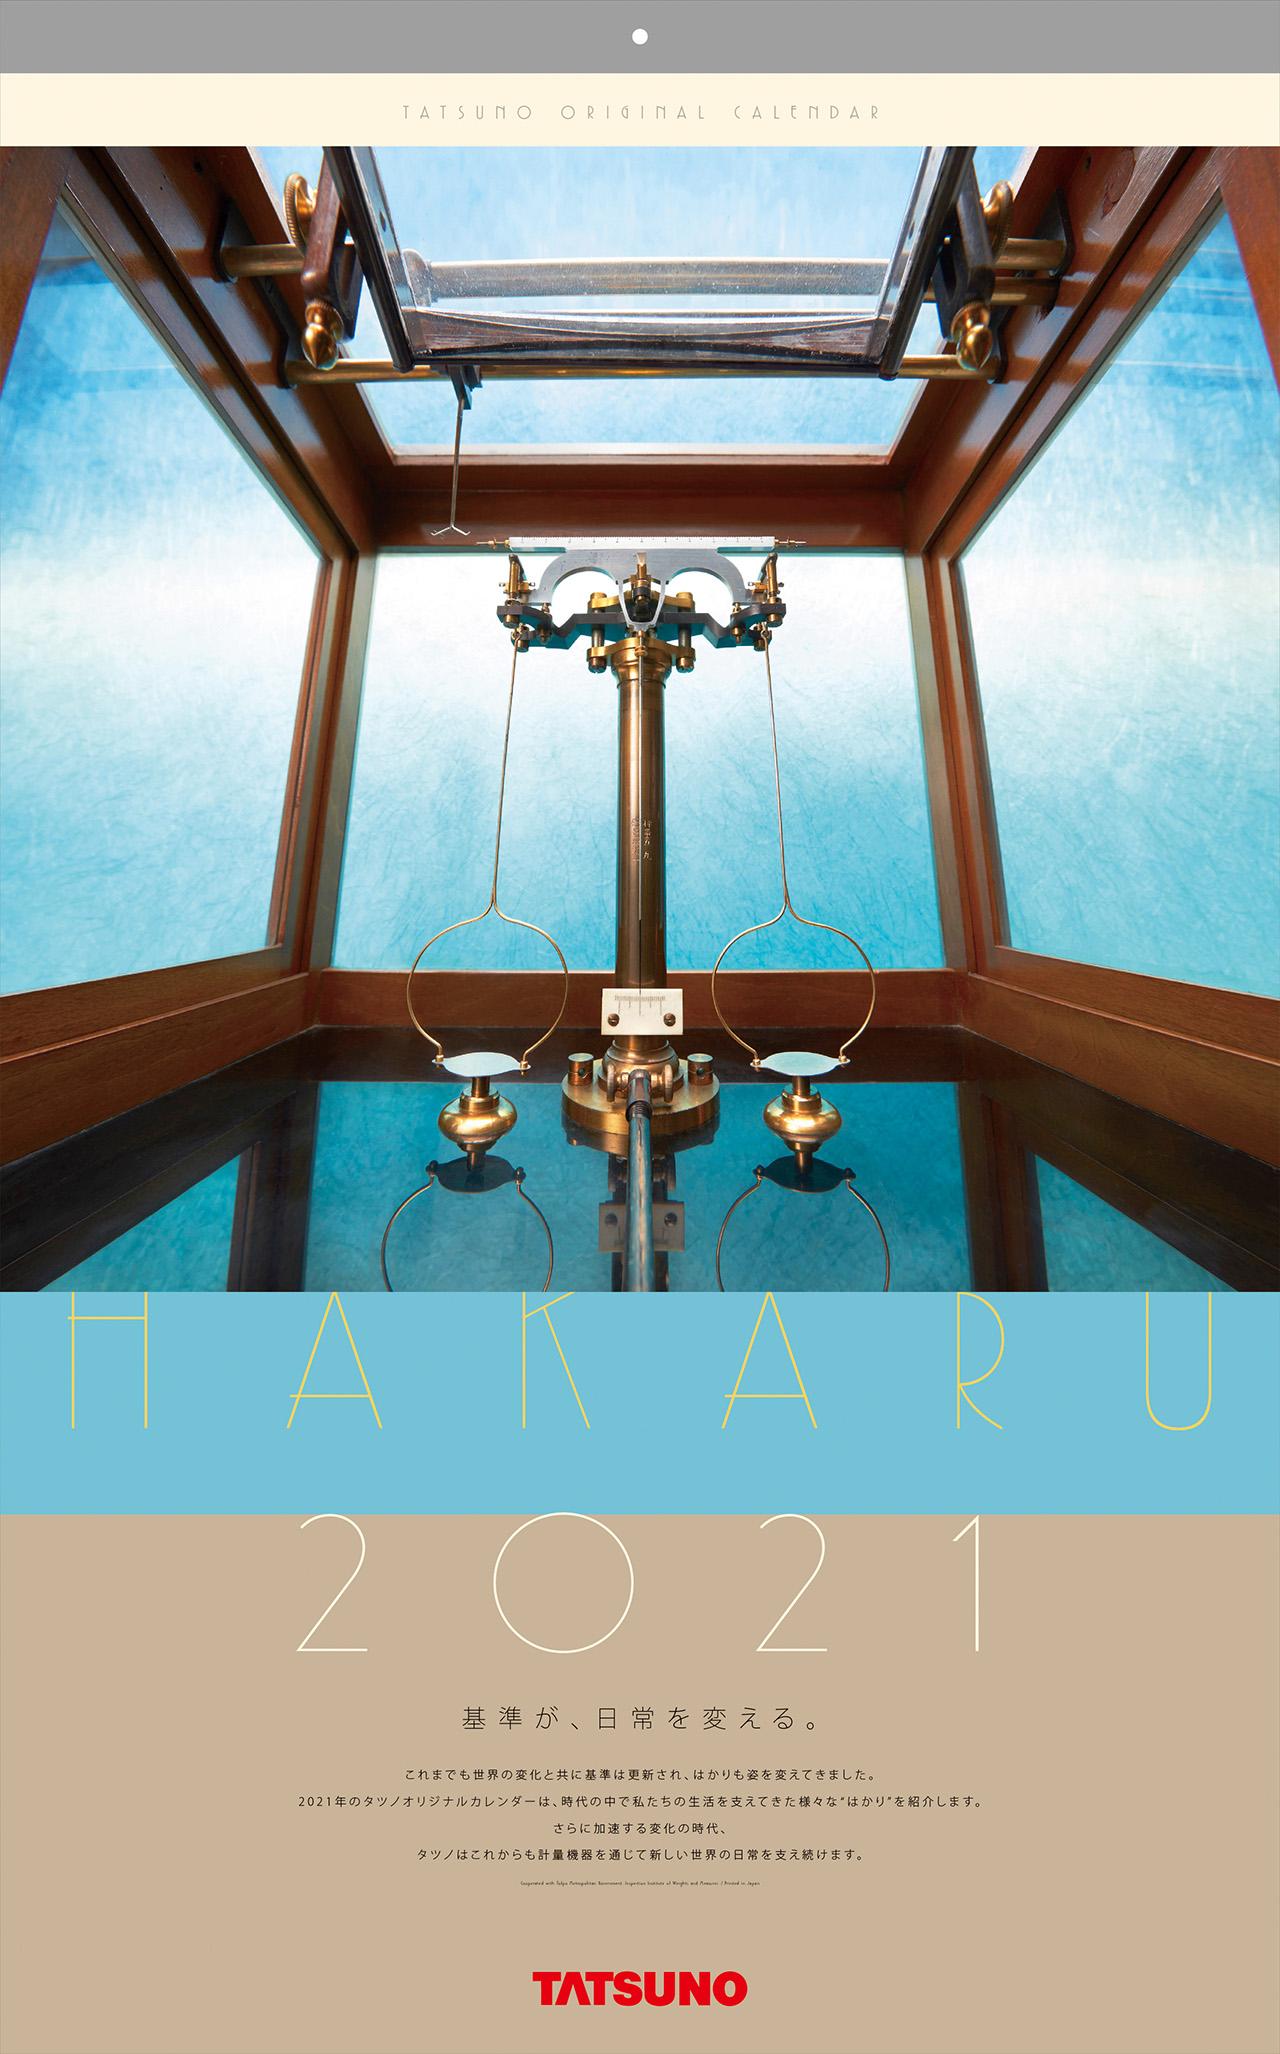 タツノ 2021年カレンダー(表紙)